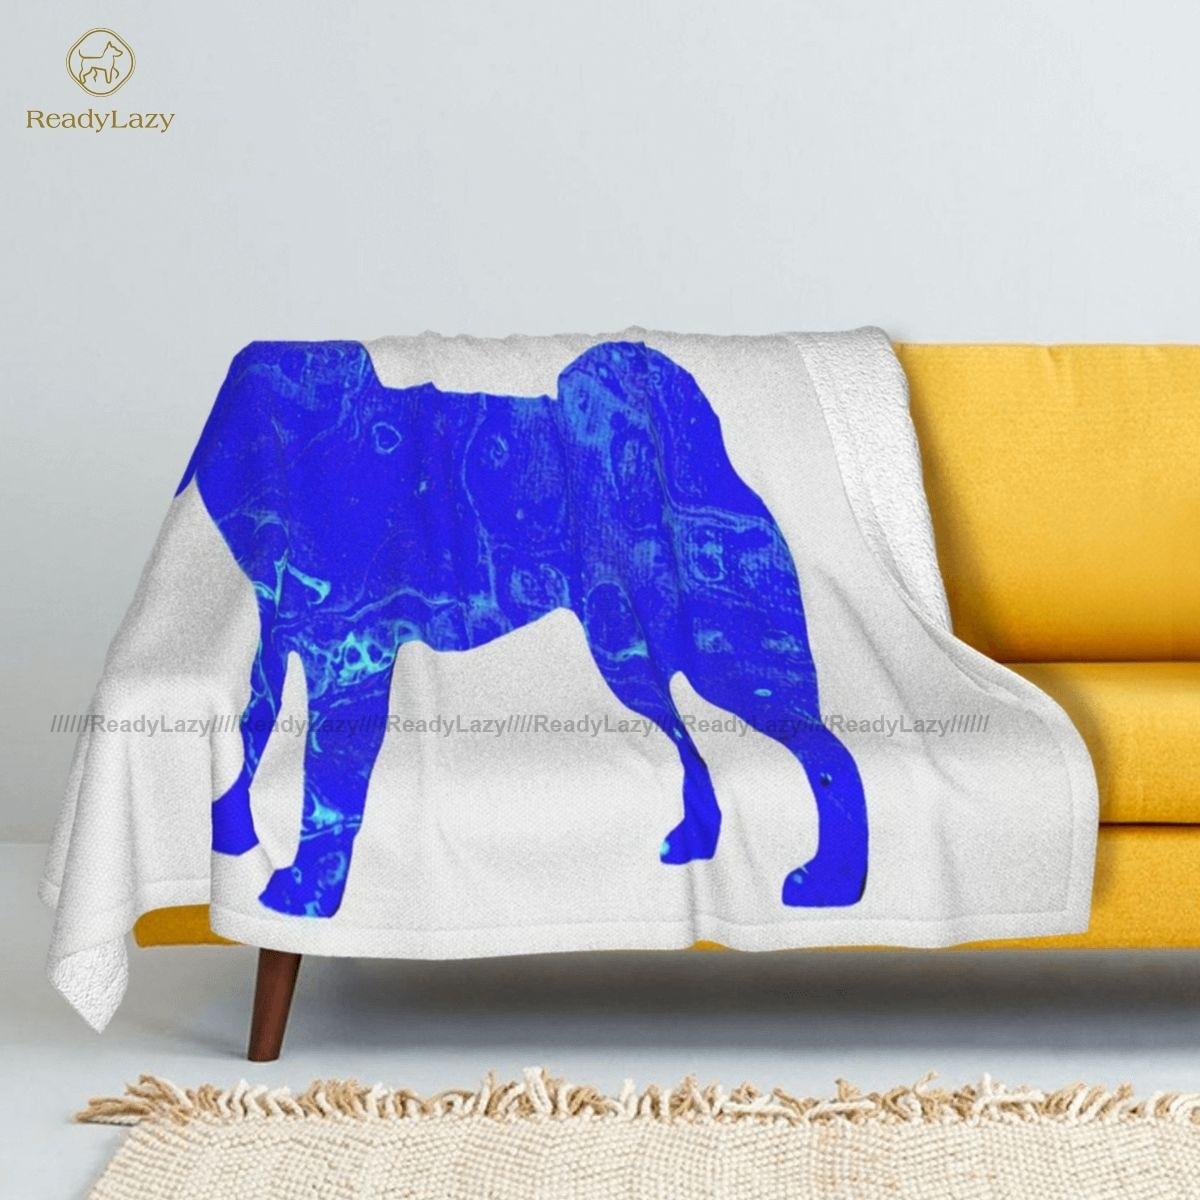 Shiba Inu غطاء سرير من الصوف, ناعم ورخيص ، للاستخدام الخارجي